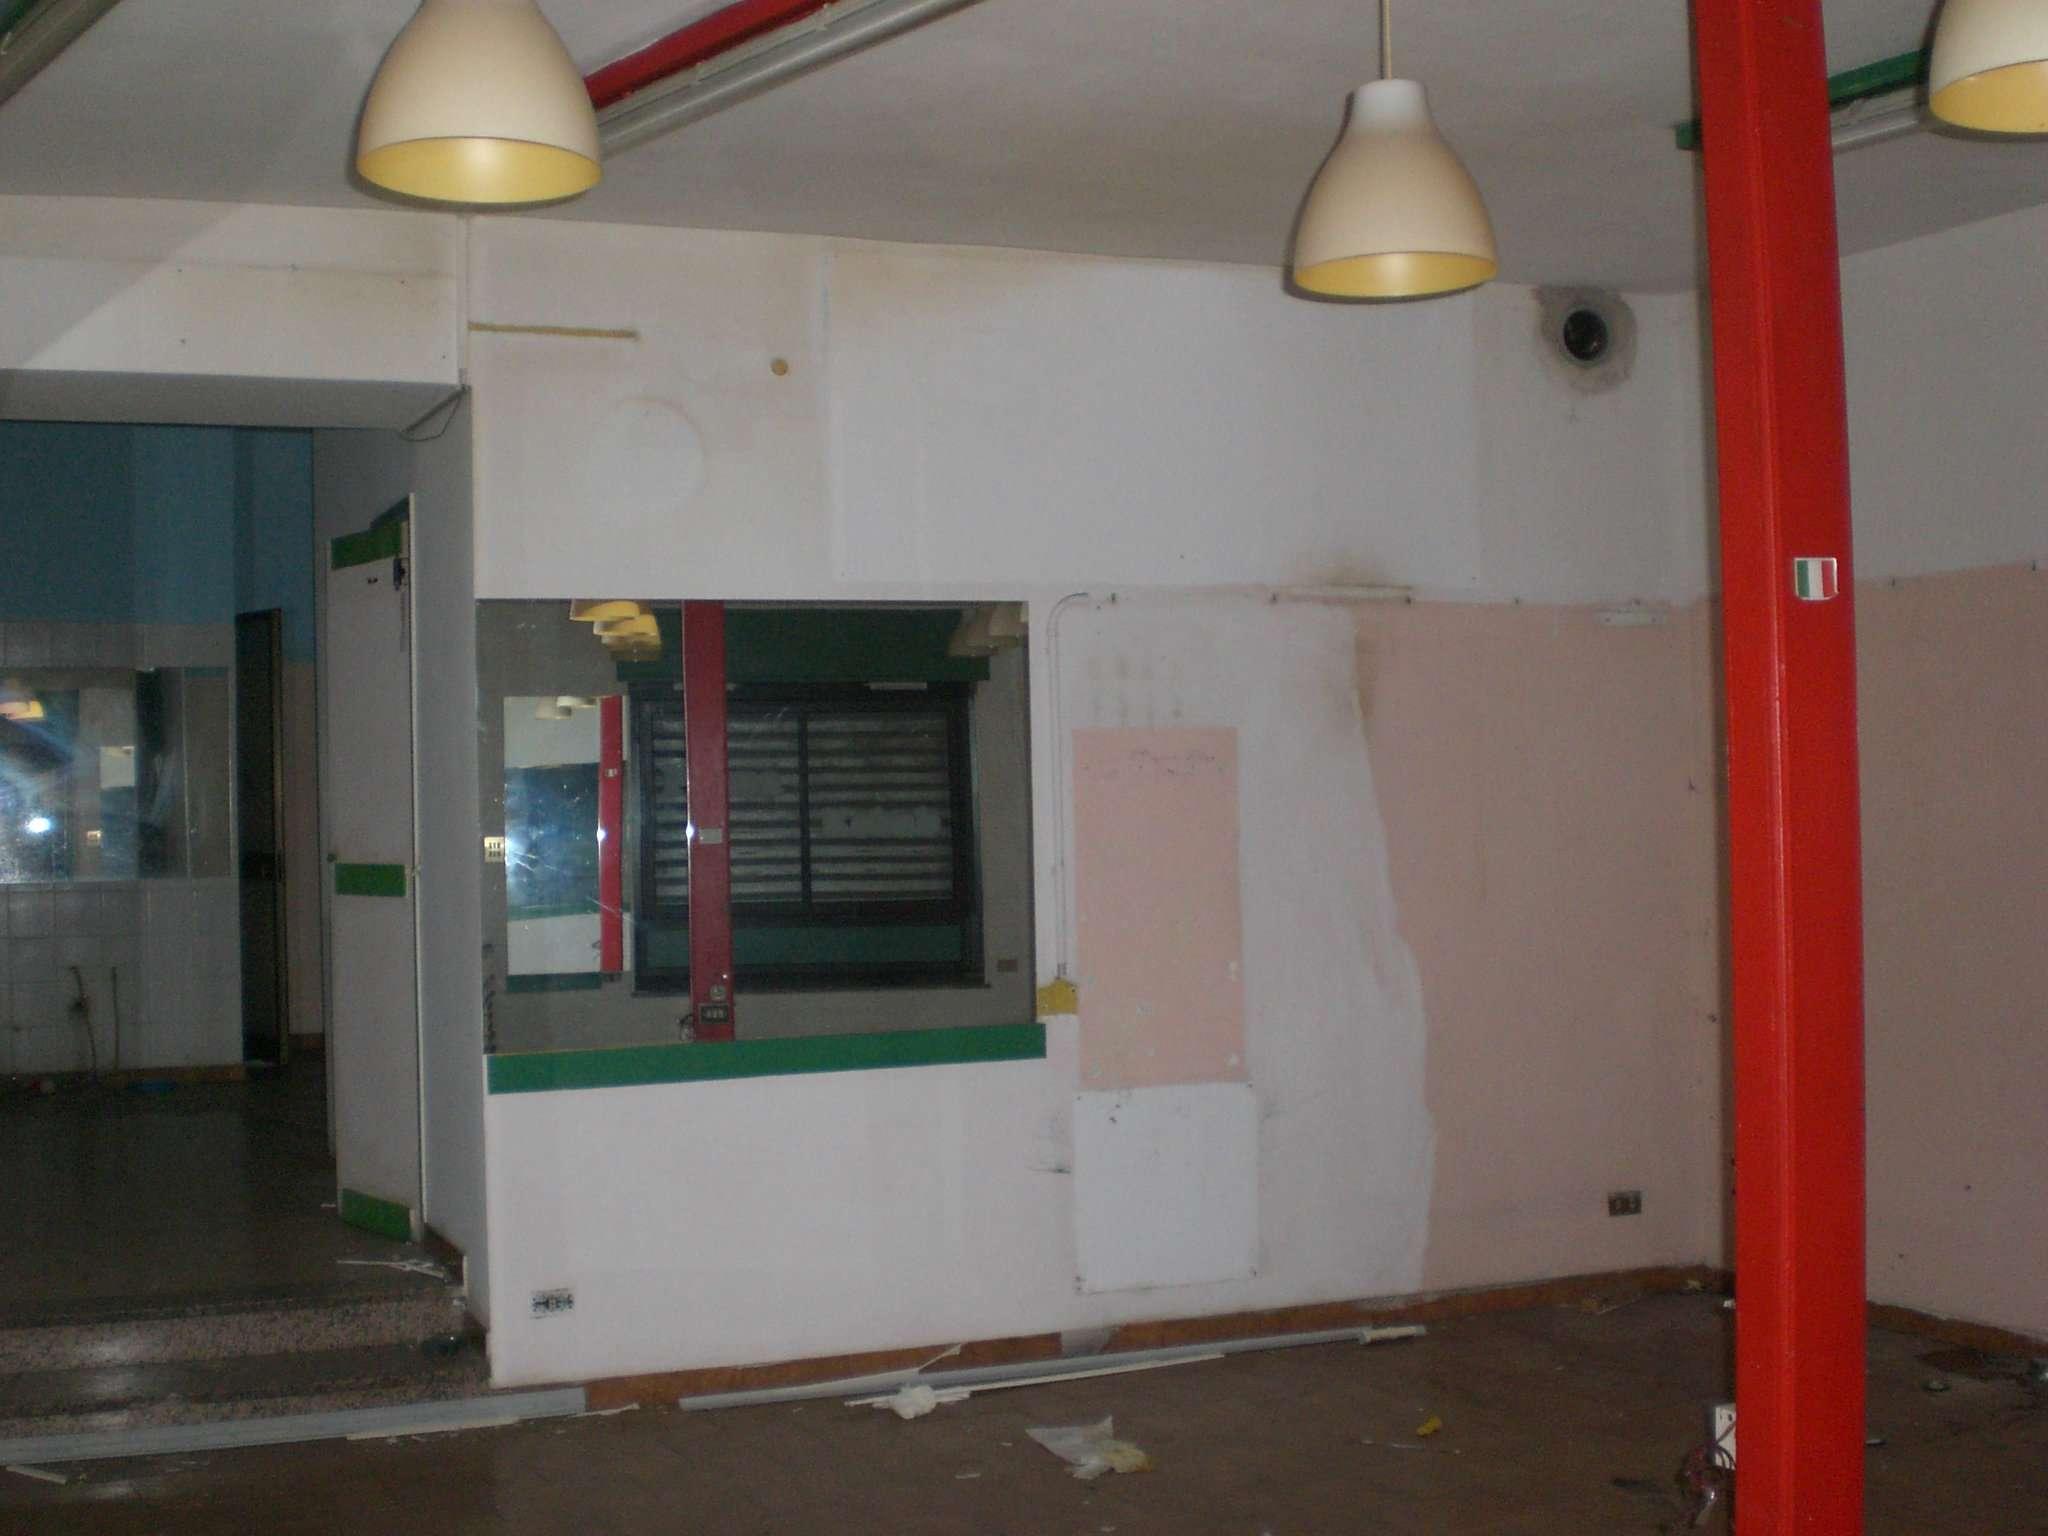 Negozio / Locale in vendita a Bussoleno, 3 locali, prezzo € 47.000 | PortaleAgenzieImmobiliari.it